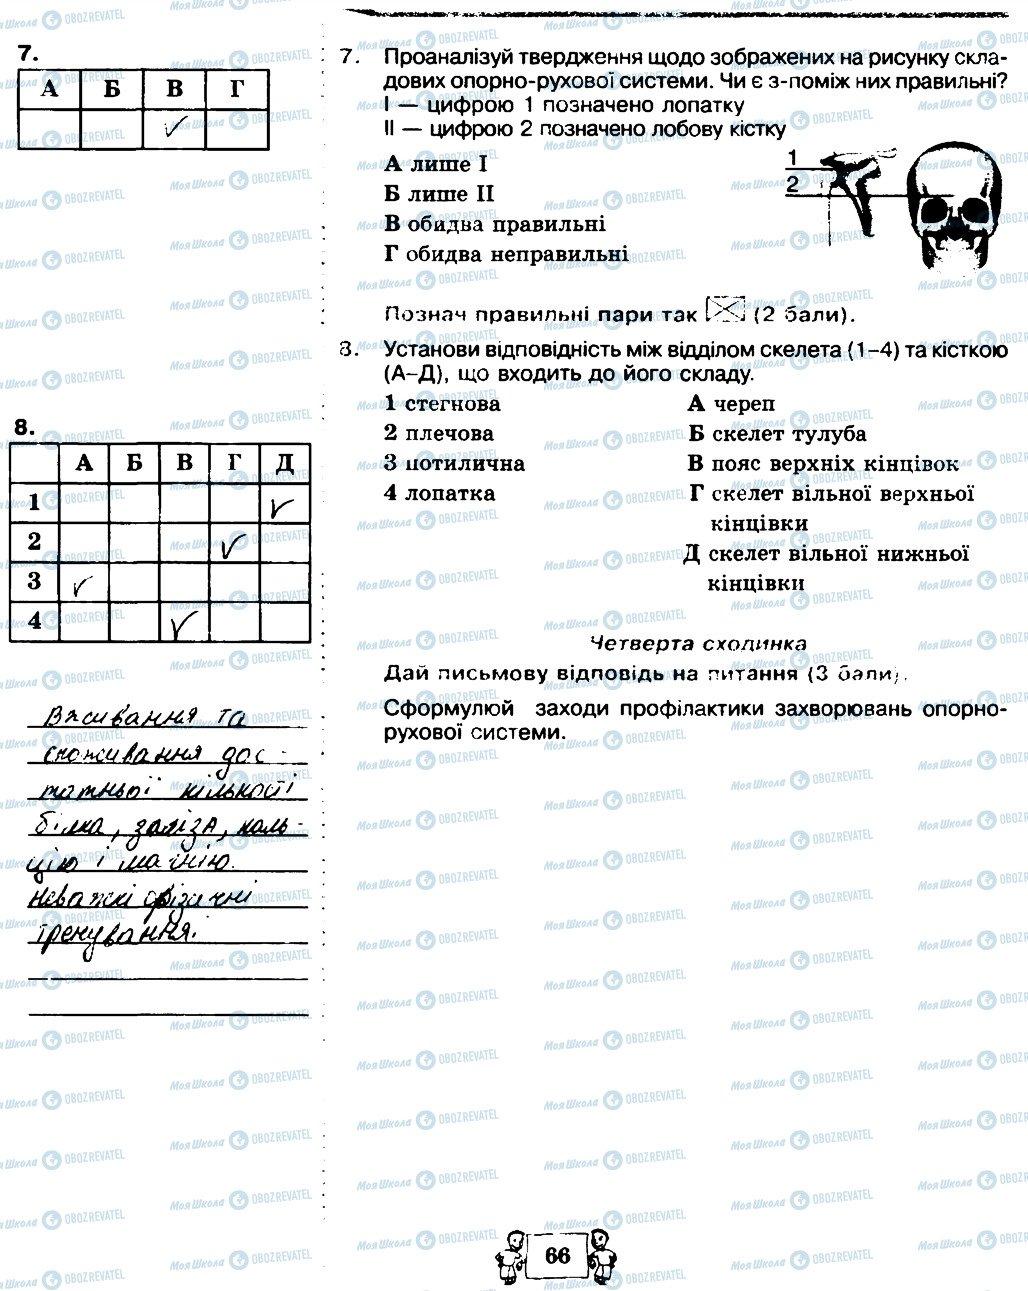 ГДЗ Биология 8 класс страница 66